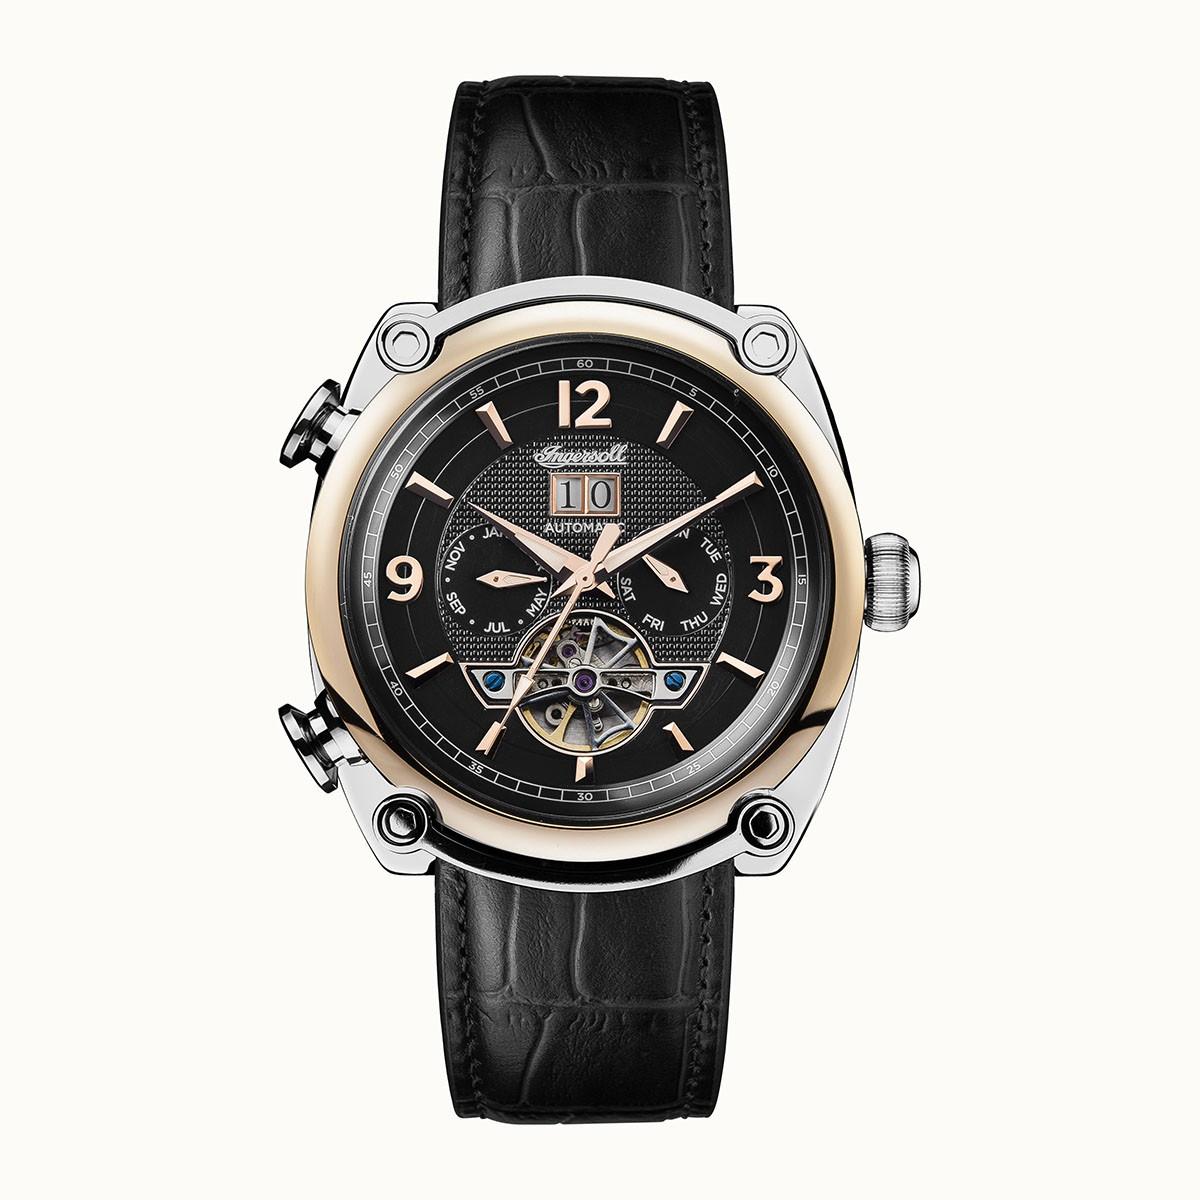 ساعت مچی عقربه ای مردانه اینگرسل مدل I01102 38